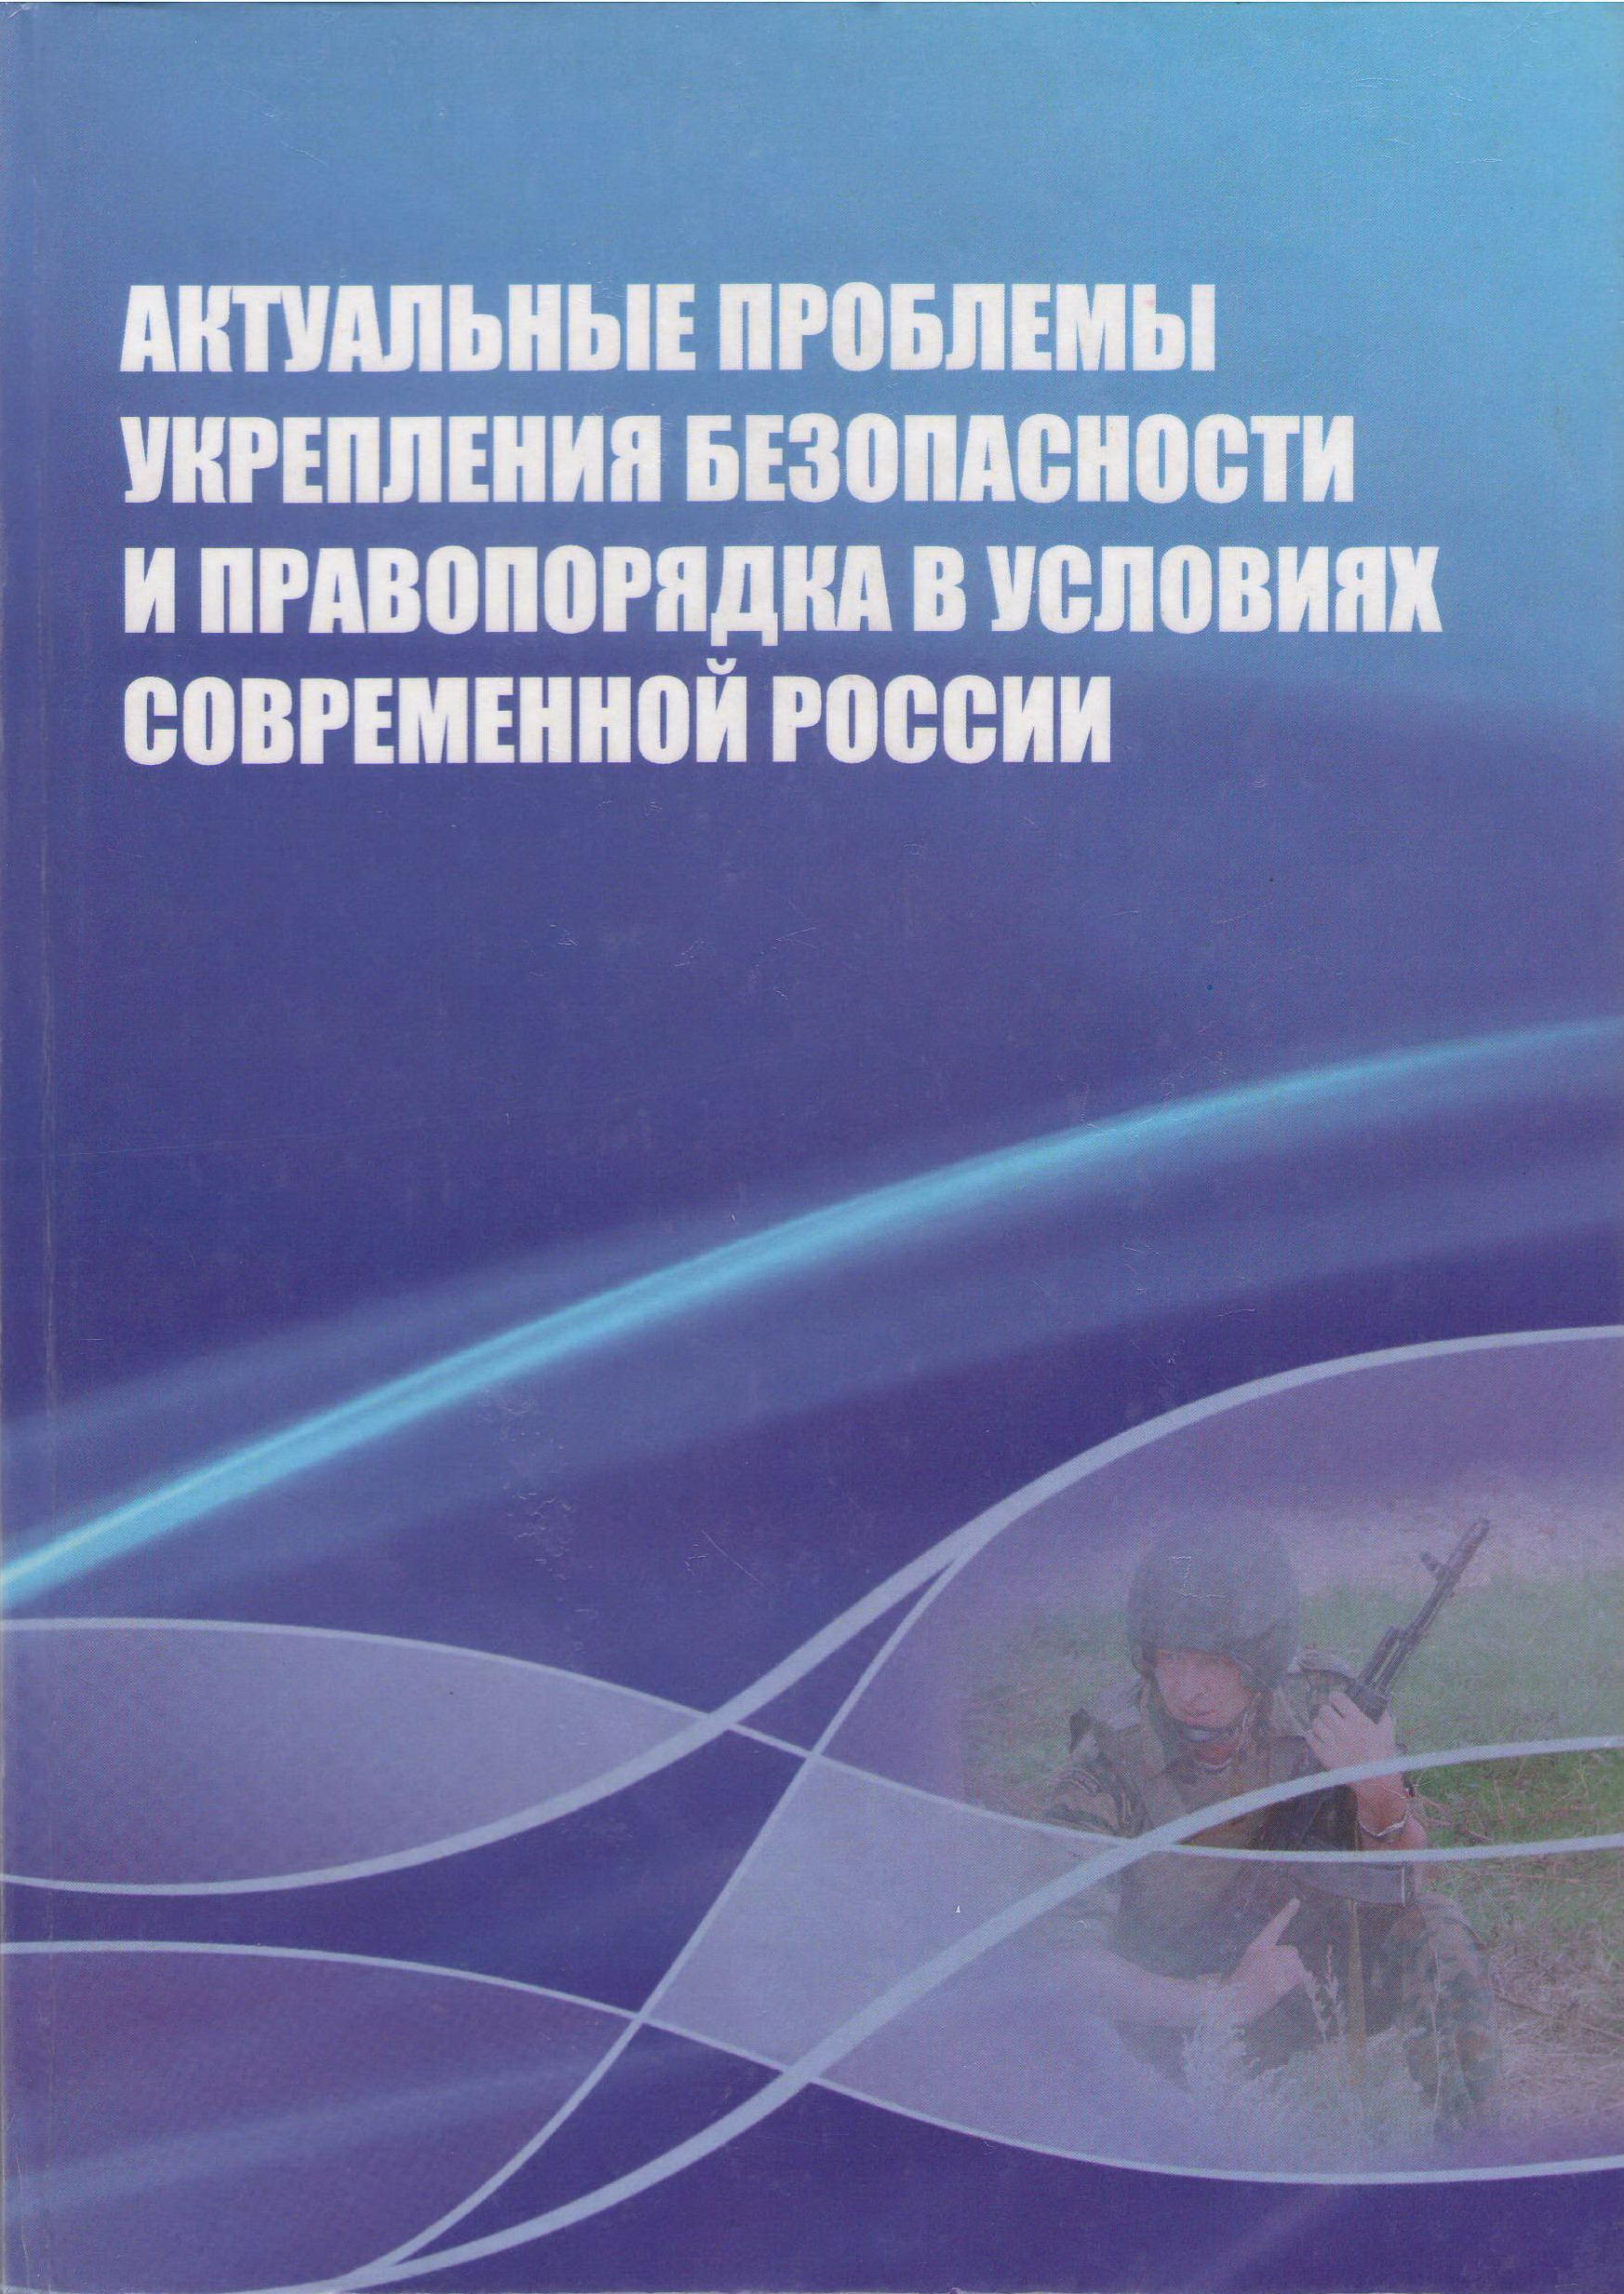 Национальное достоинство, национальное достояние и национальное богатство России как интегрированная основа ее национальной безопасности